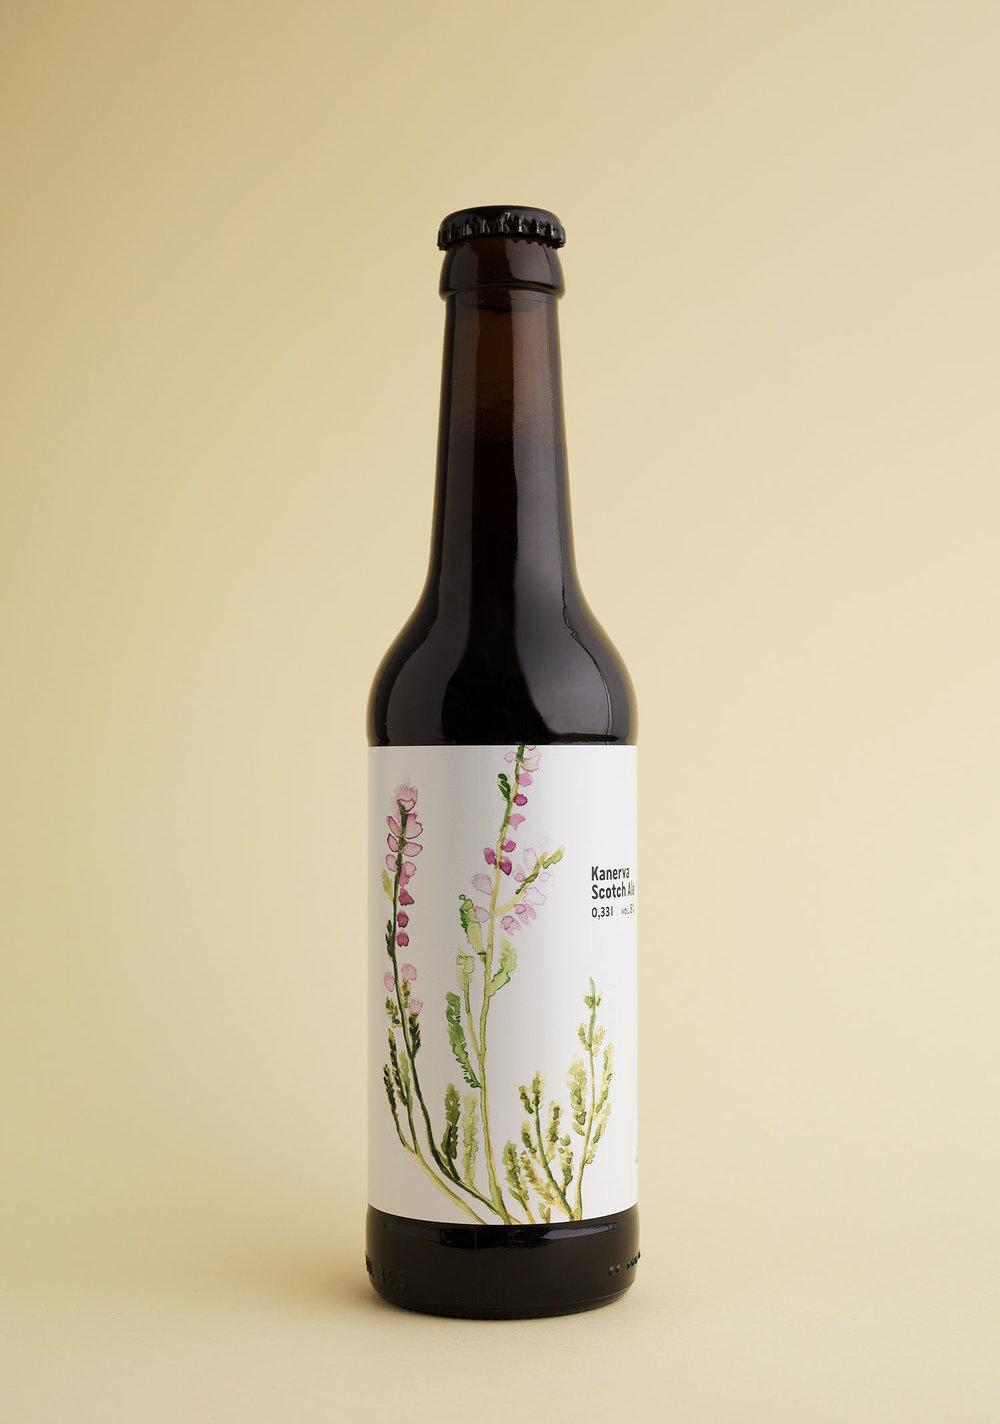 Kanerva Scotch Ale